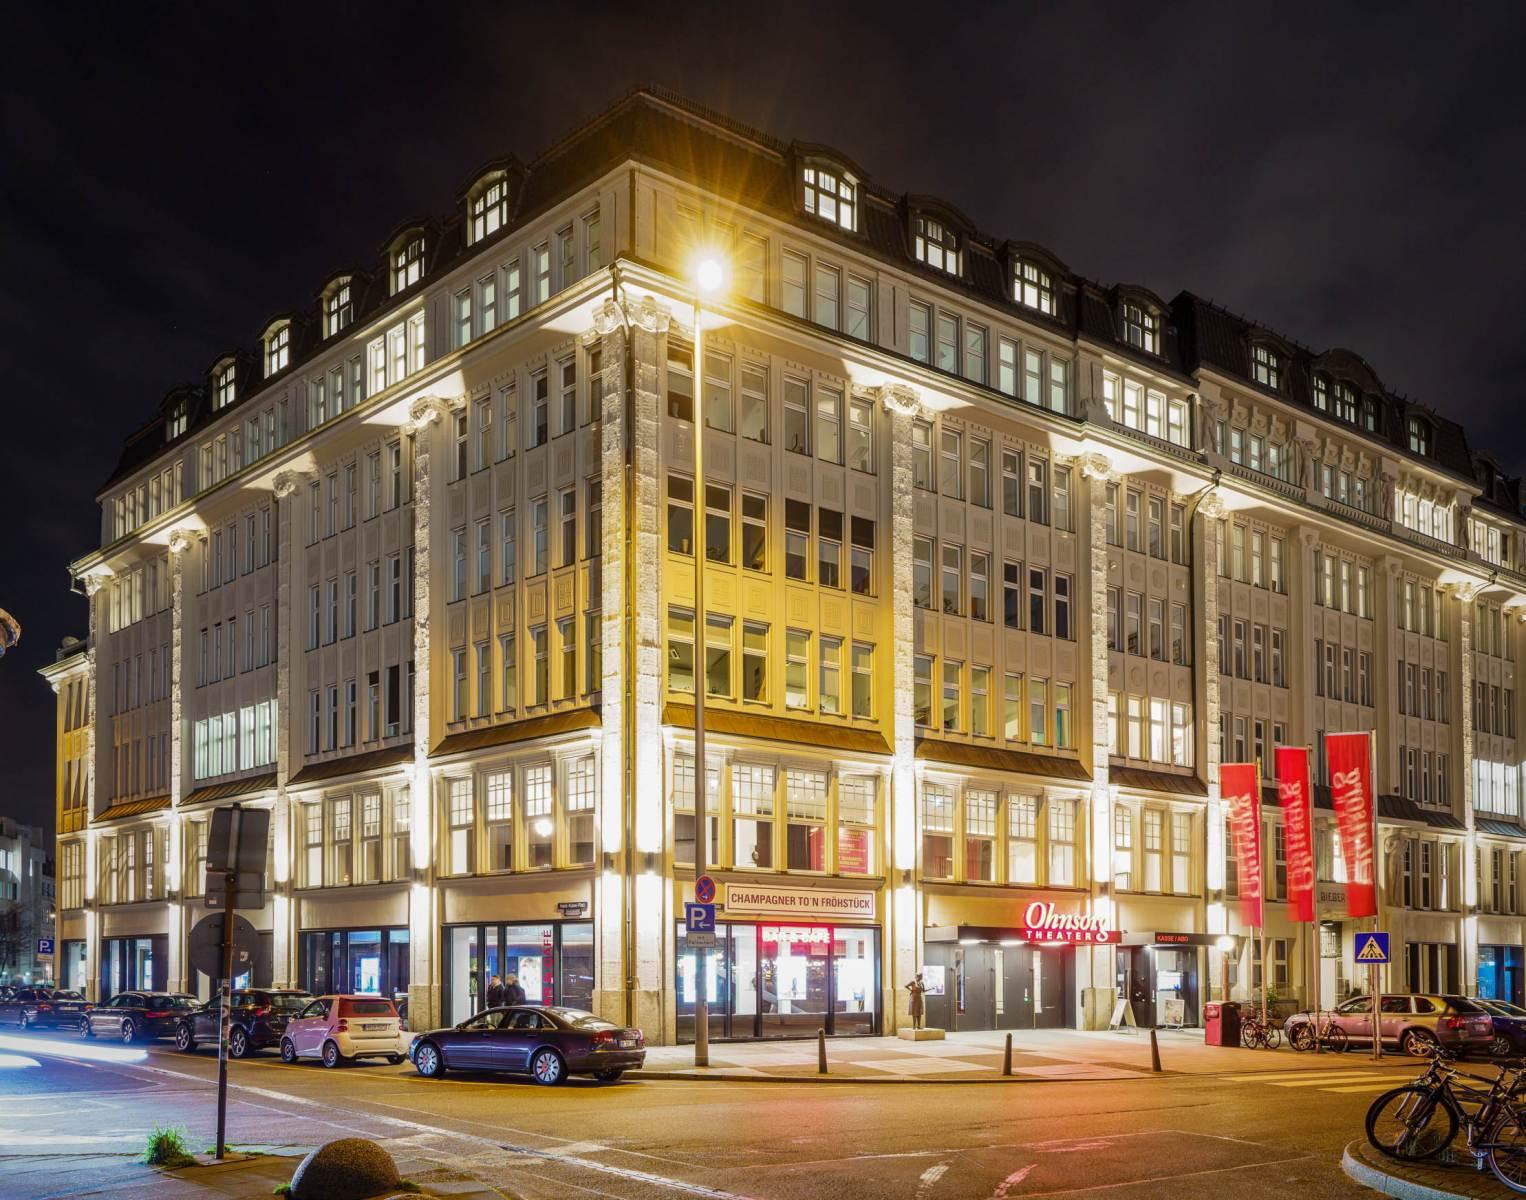 Ohnsorg Theater Hamburg